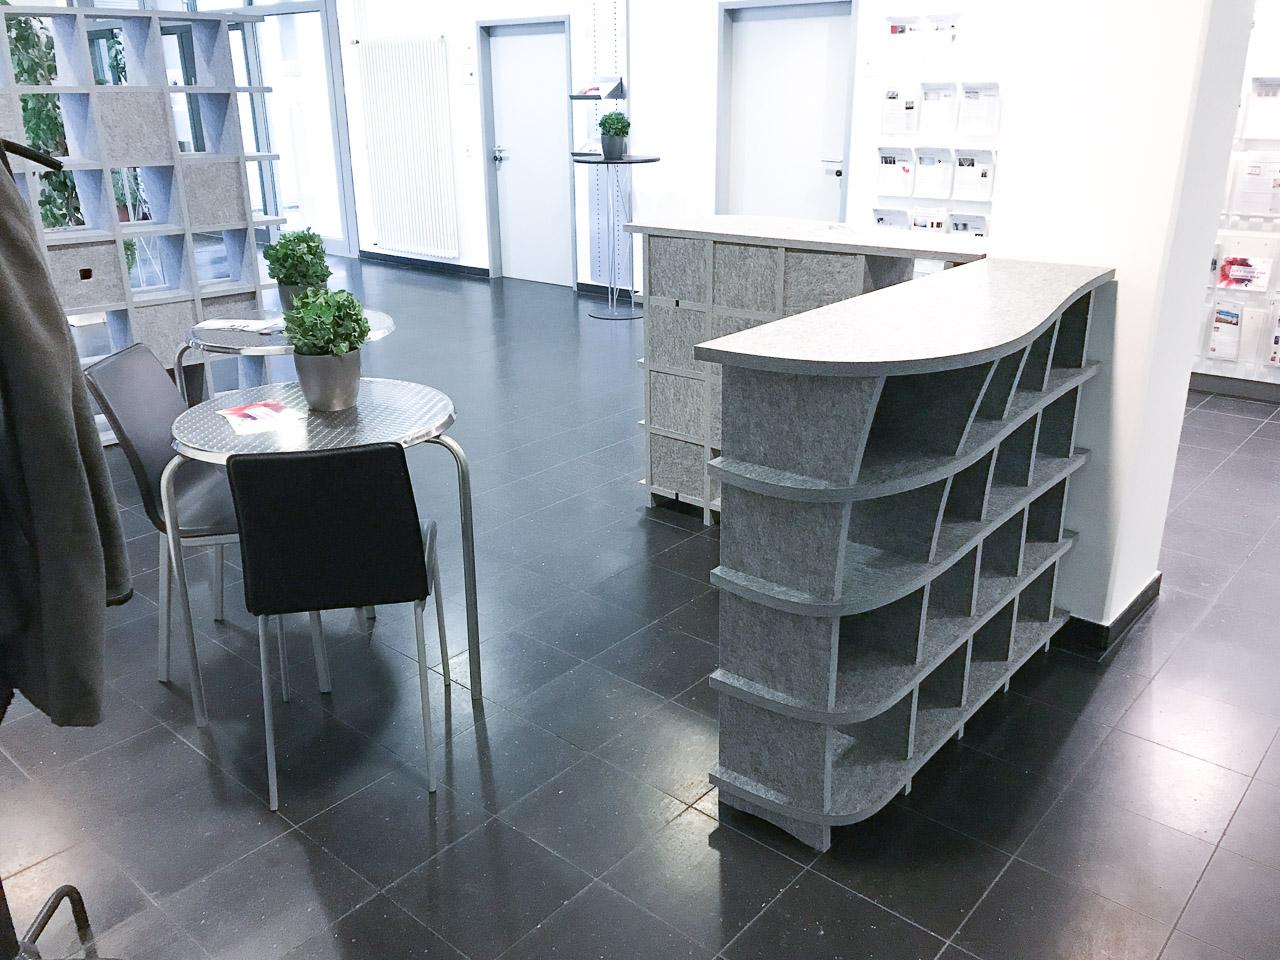 Akustikmöbel von AkustikKompetenz stehen fertig aufgebaut in einem Eingangsbereich eines Büros und vermindern Lärm.